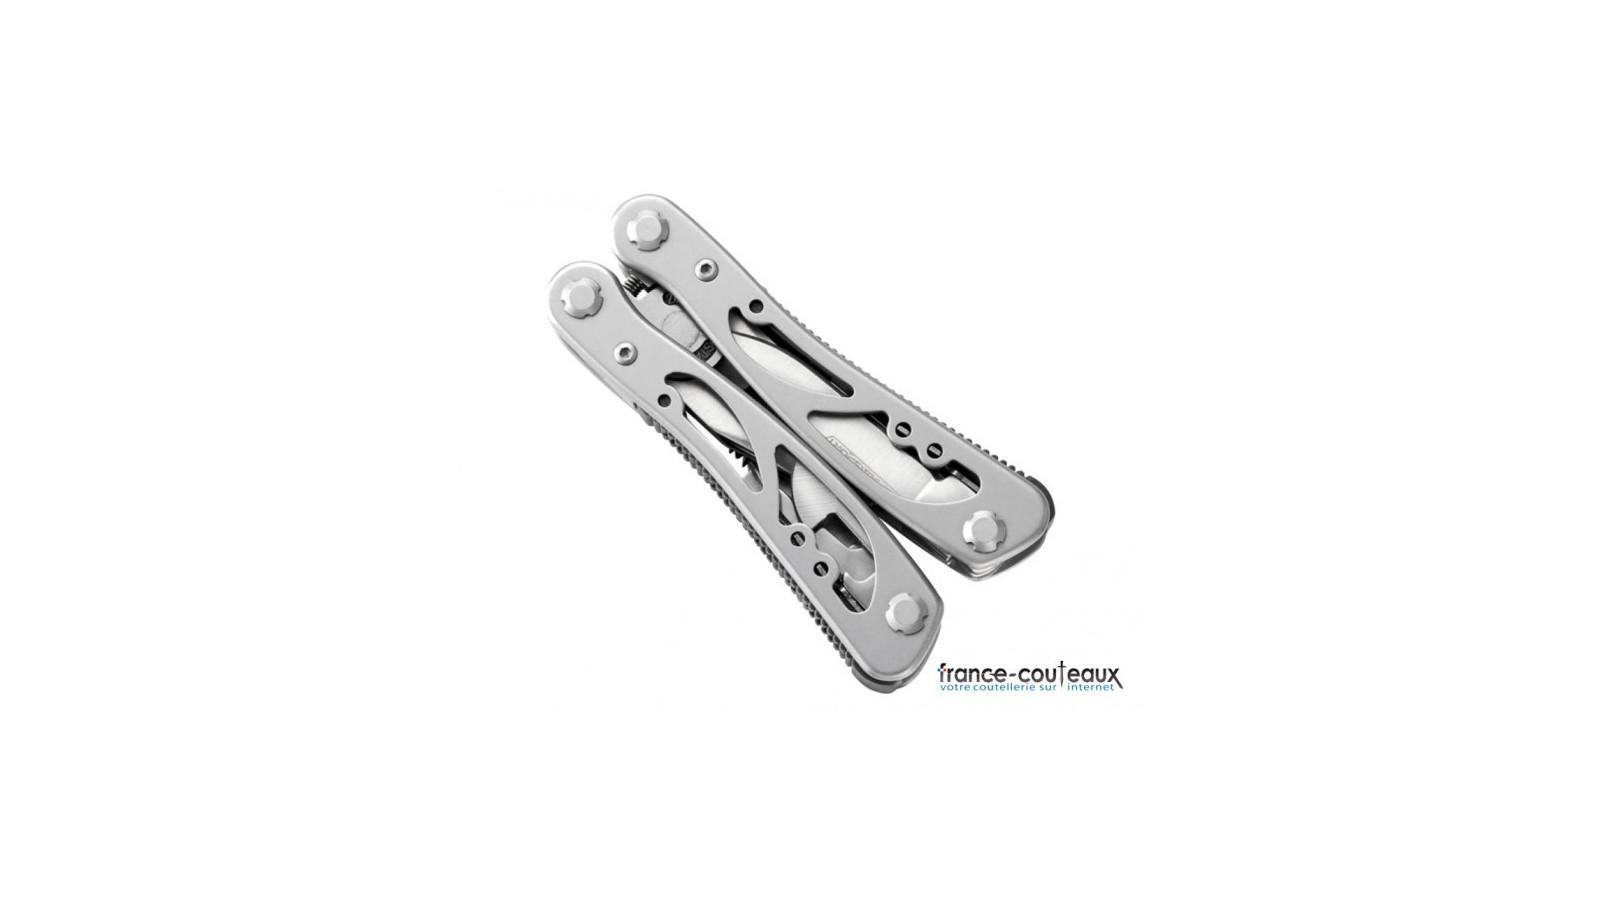 Couteau pliant crkt GSD